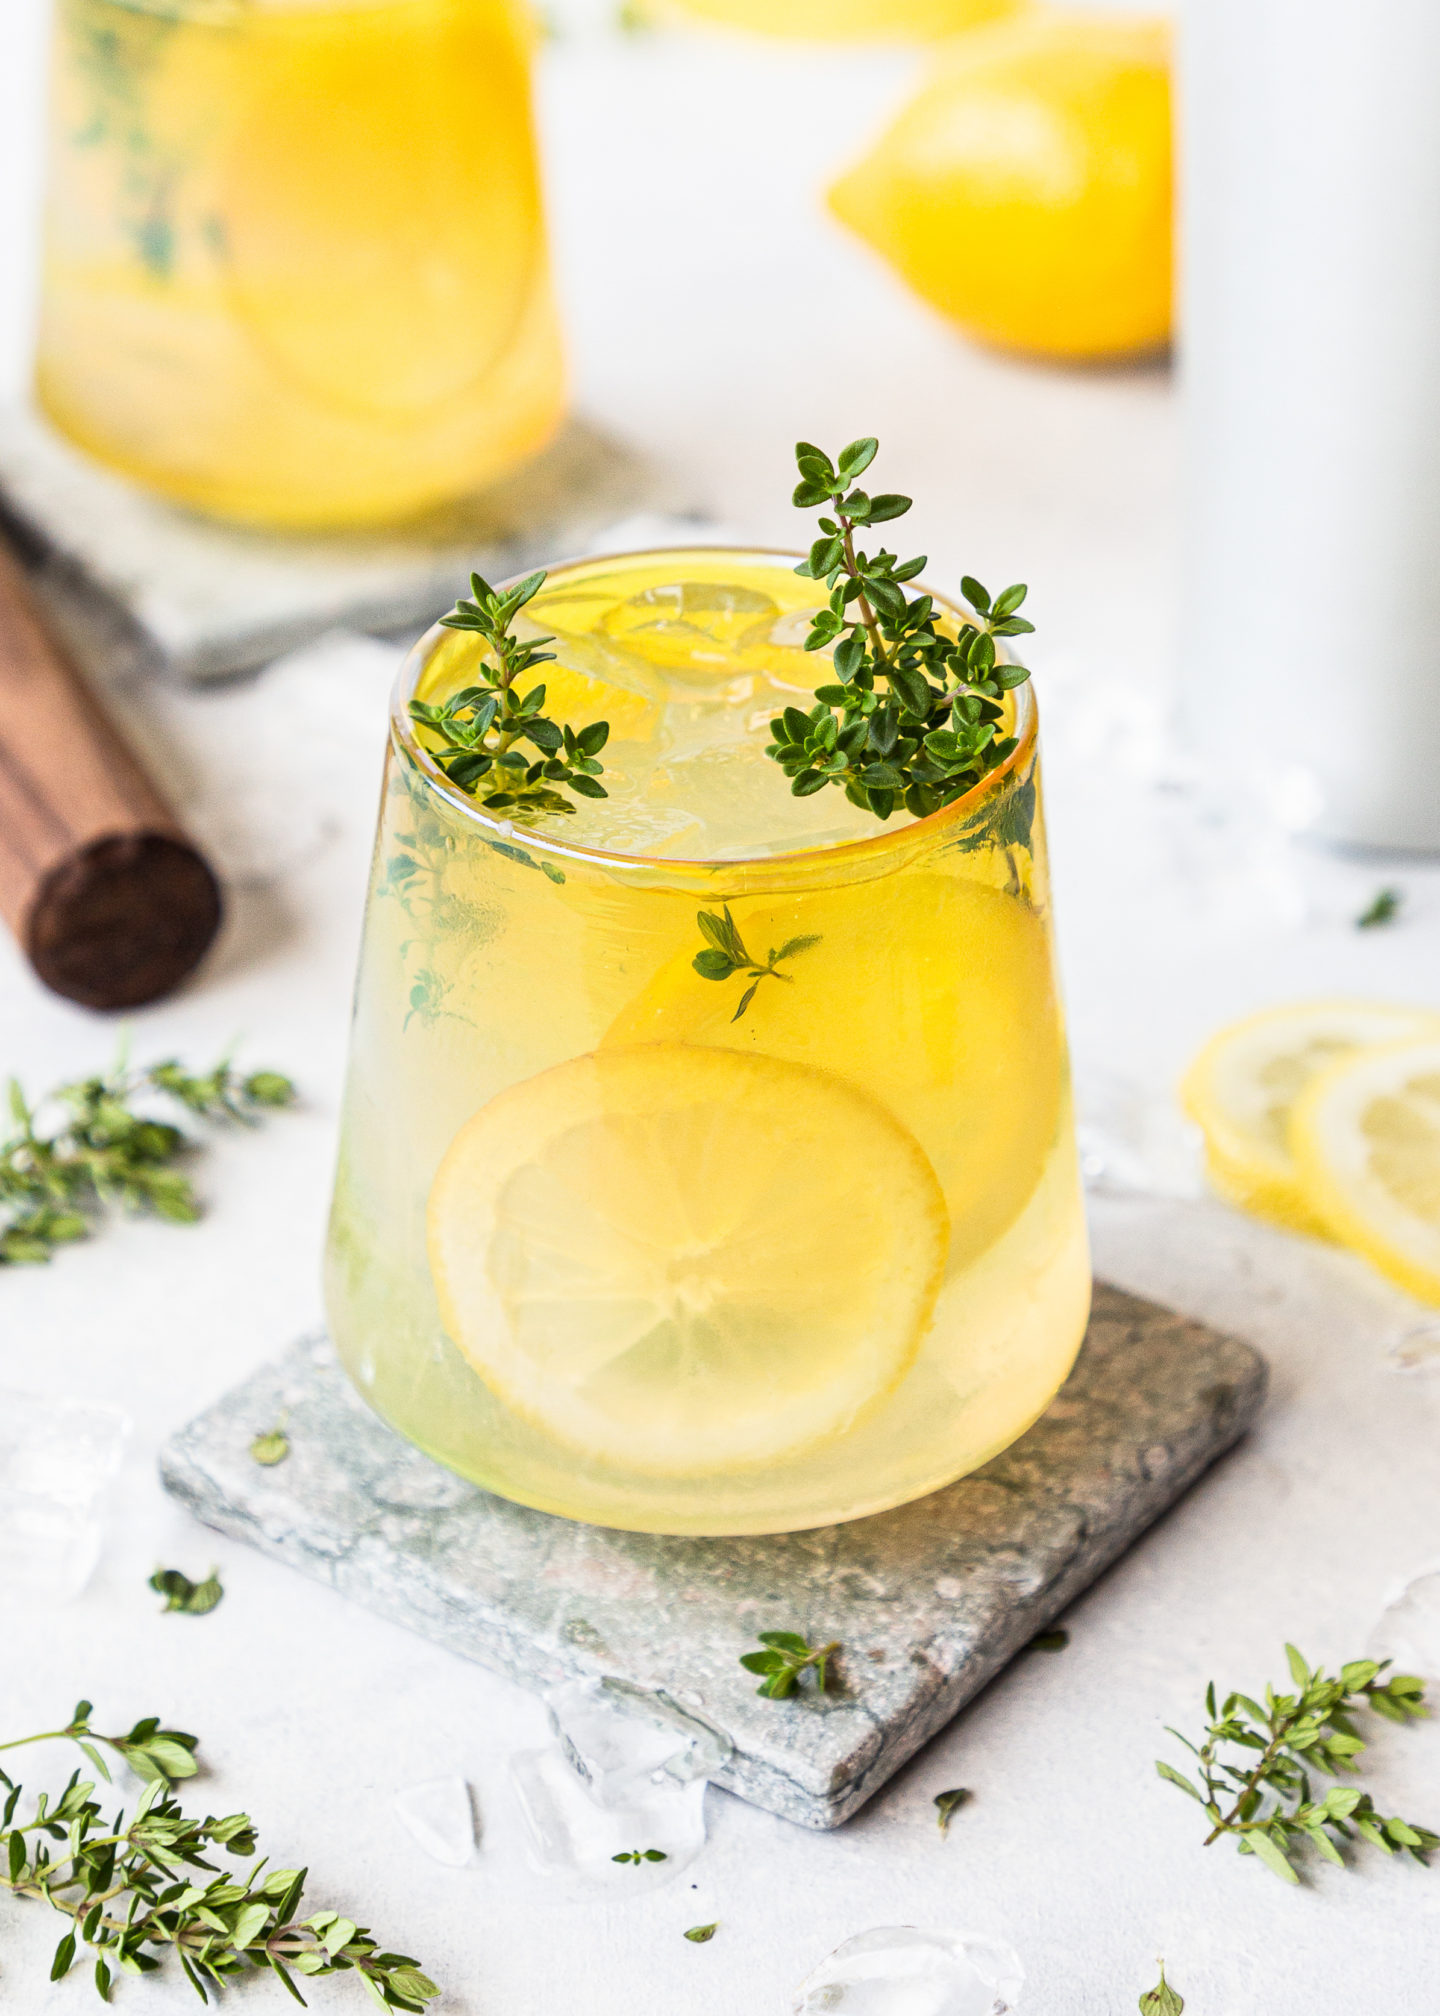 Lemon-Thyme Daiquiris